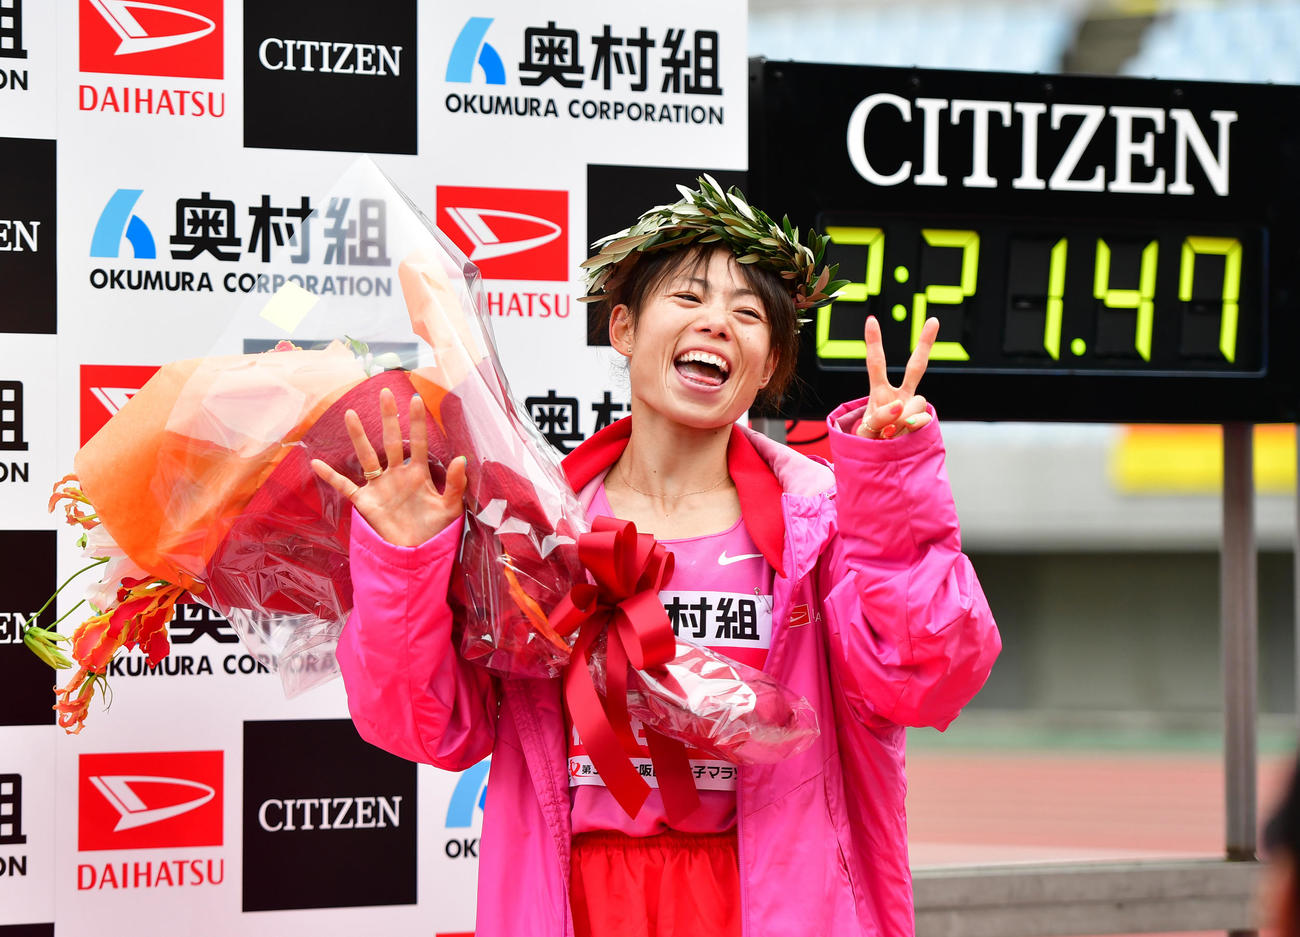 大阪国際女子マラソン 2時間21分47秒で優勝し笑顔を見せる松田瑞生(撮影・清水貴仁)